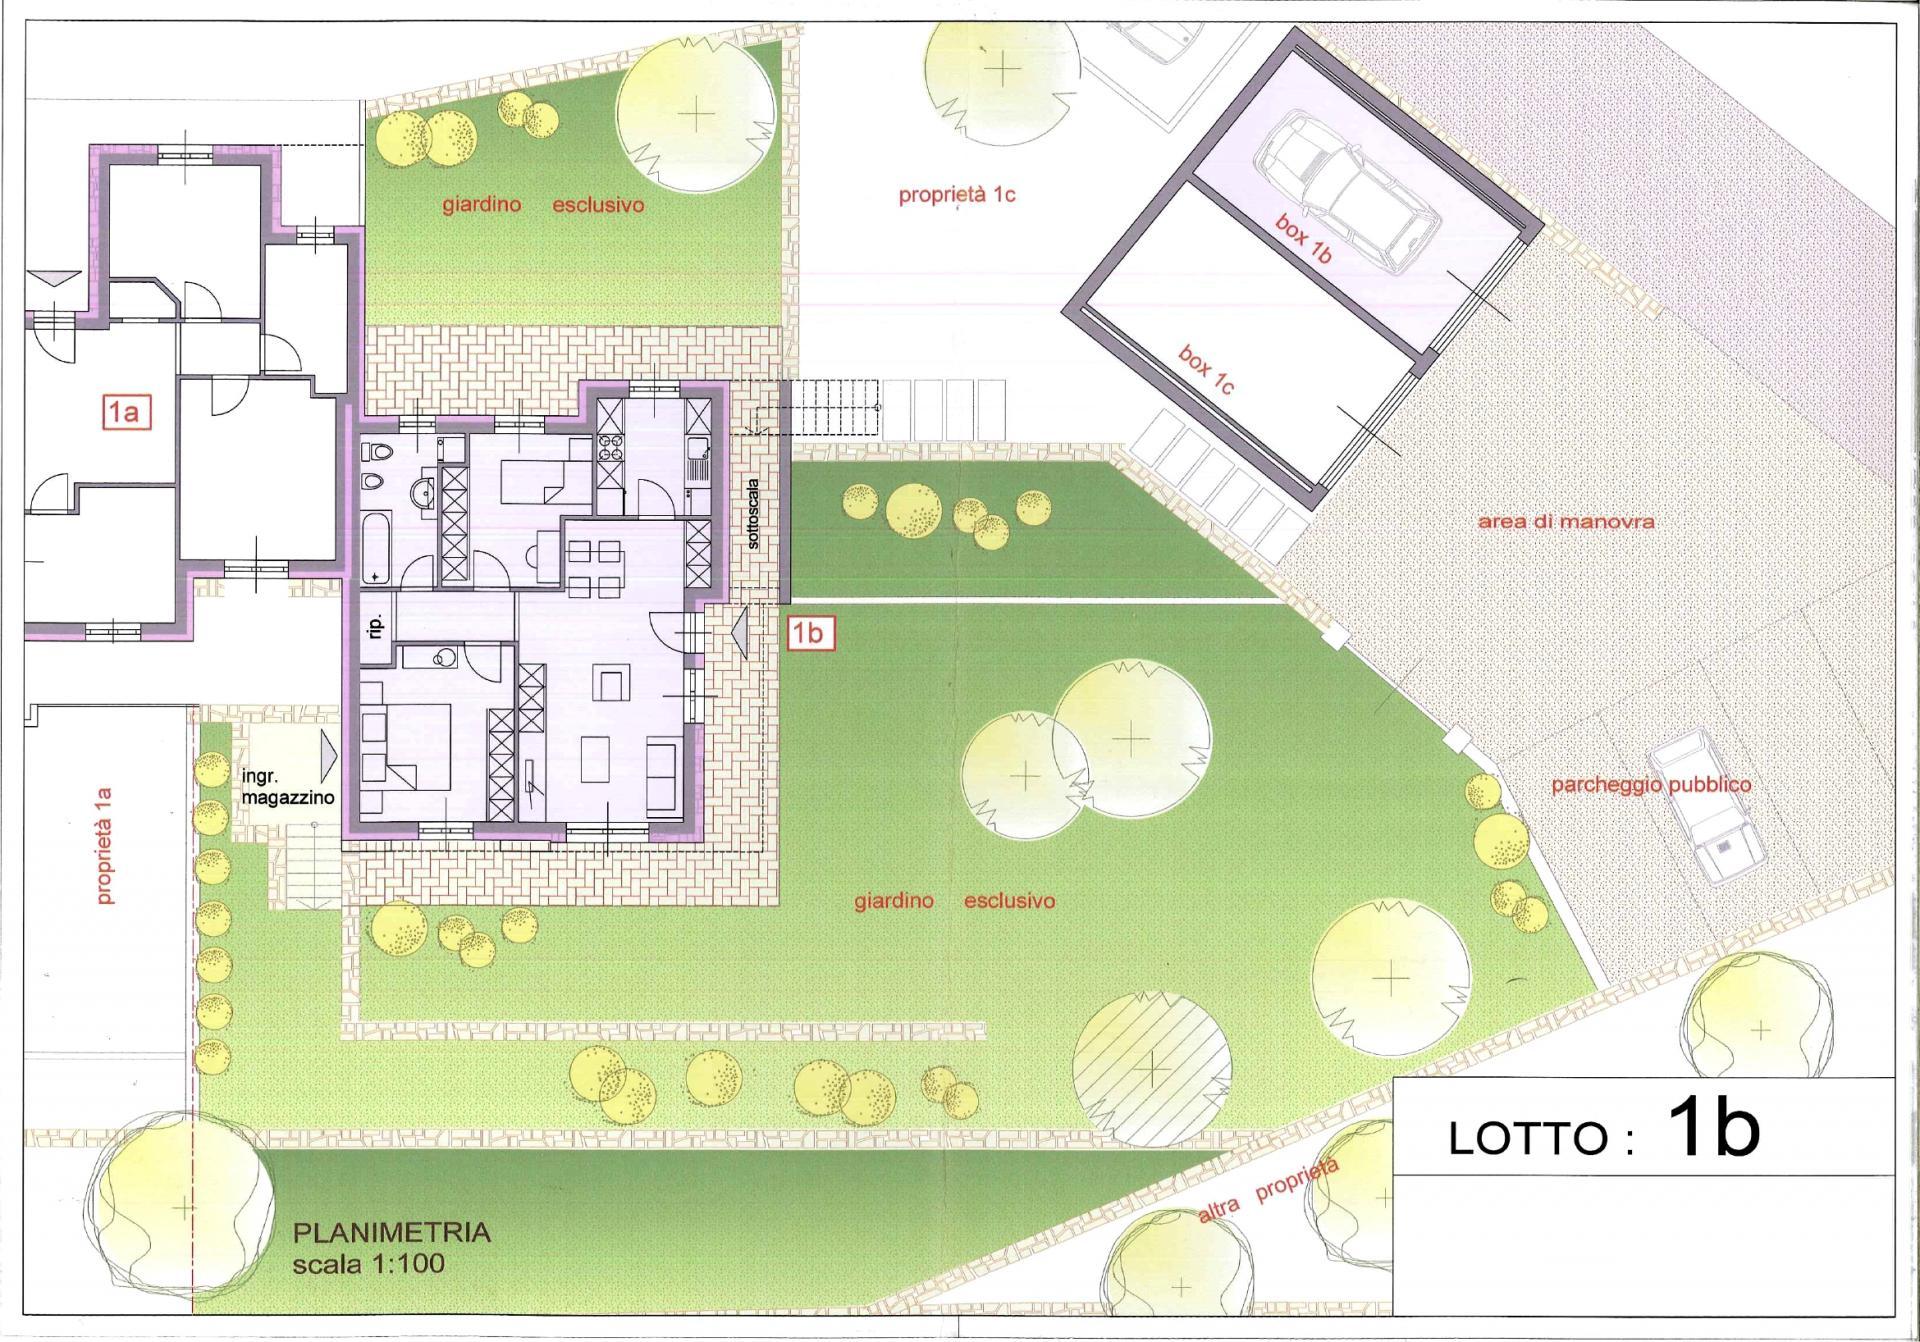 Appartamento in vendita a Imperia, 4 locali, zona Località: PortoMaurizioperiferia, prezzo € 440.000 | CambioCasa.it